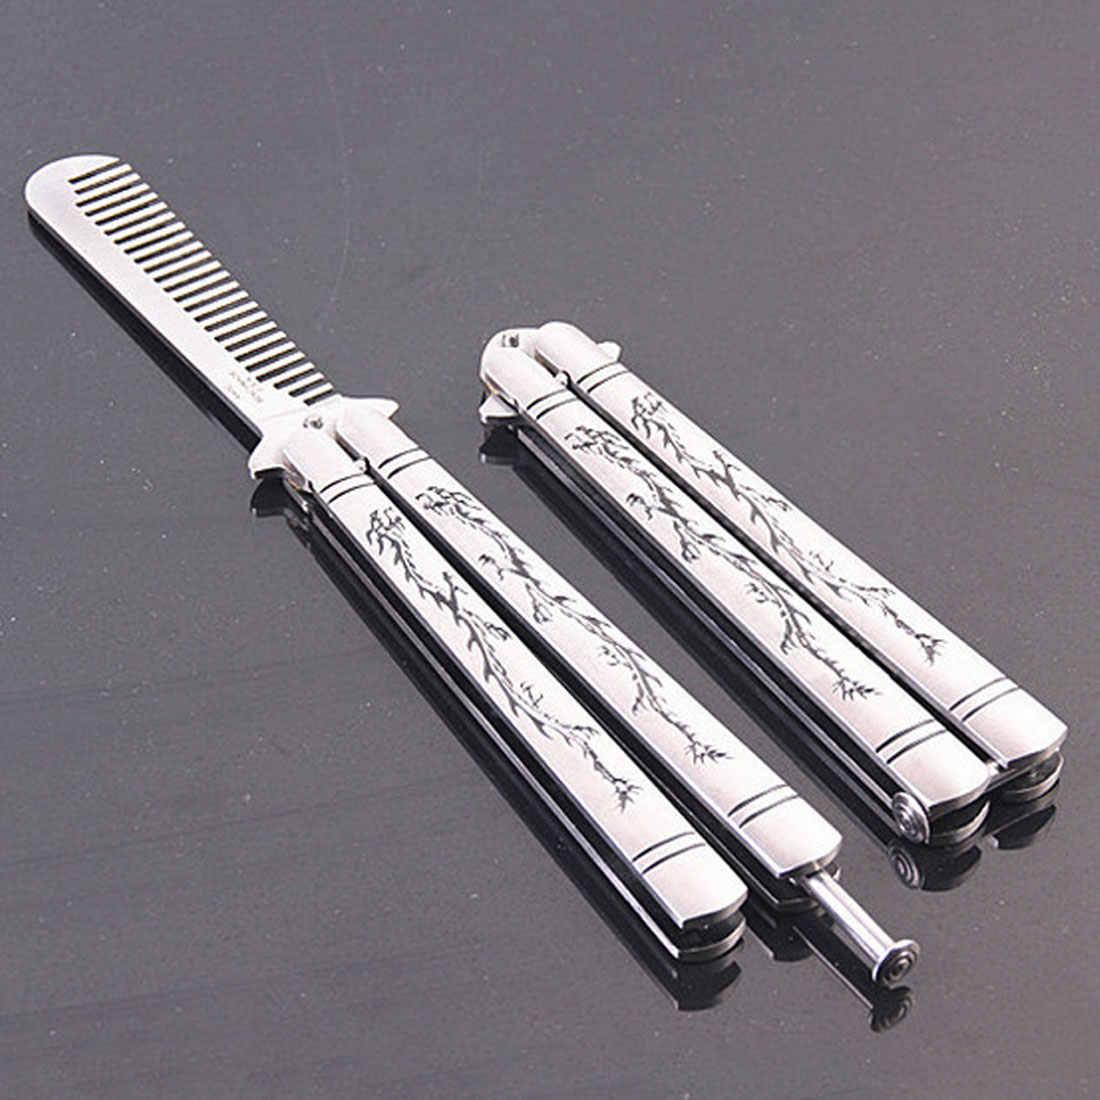 Инструмент для ножей тренировочный складной нож Balisong нержавеющая сталь Драконий узор титановое покрытие Бабочка Стиль тусклый клинок